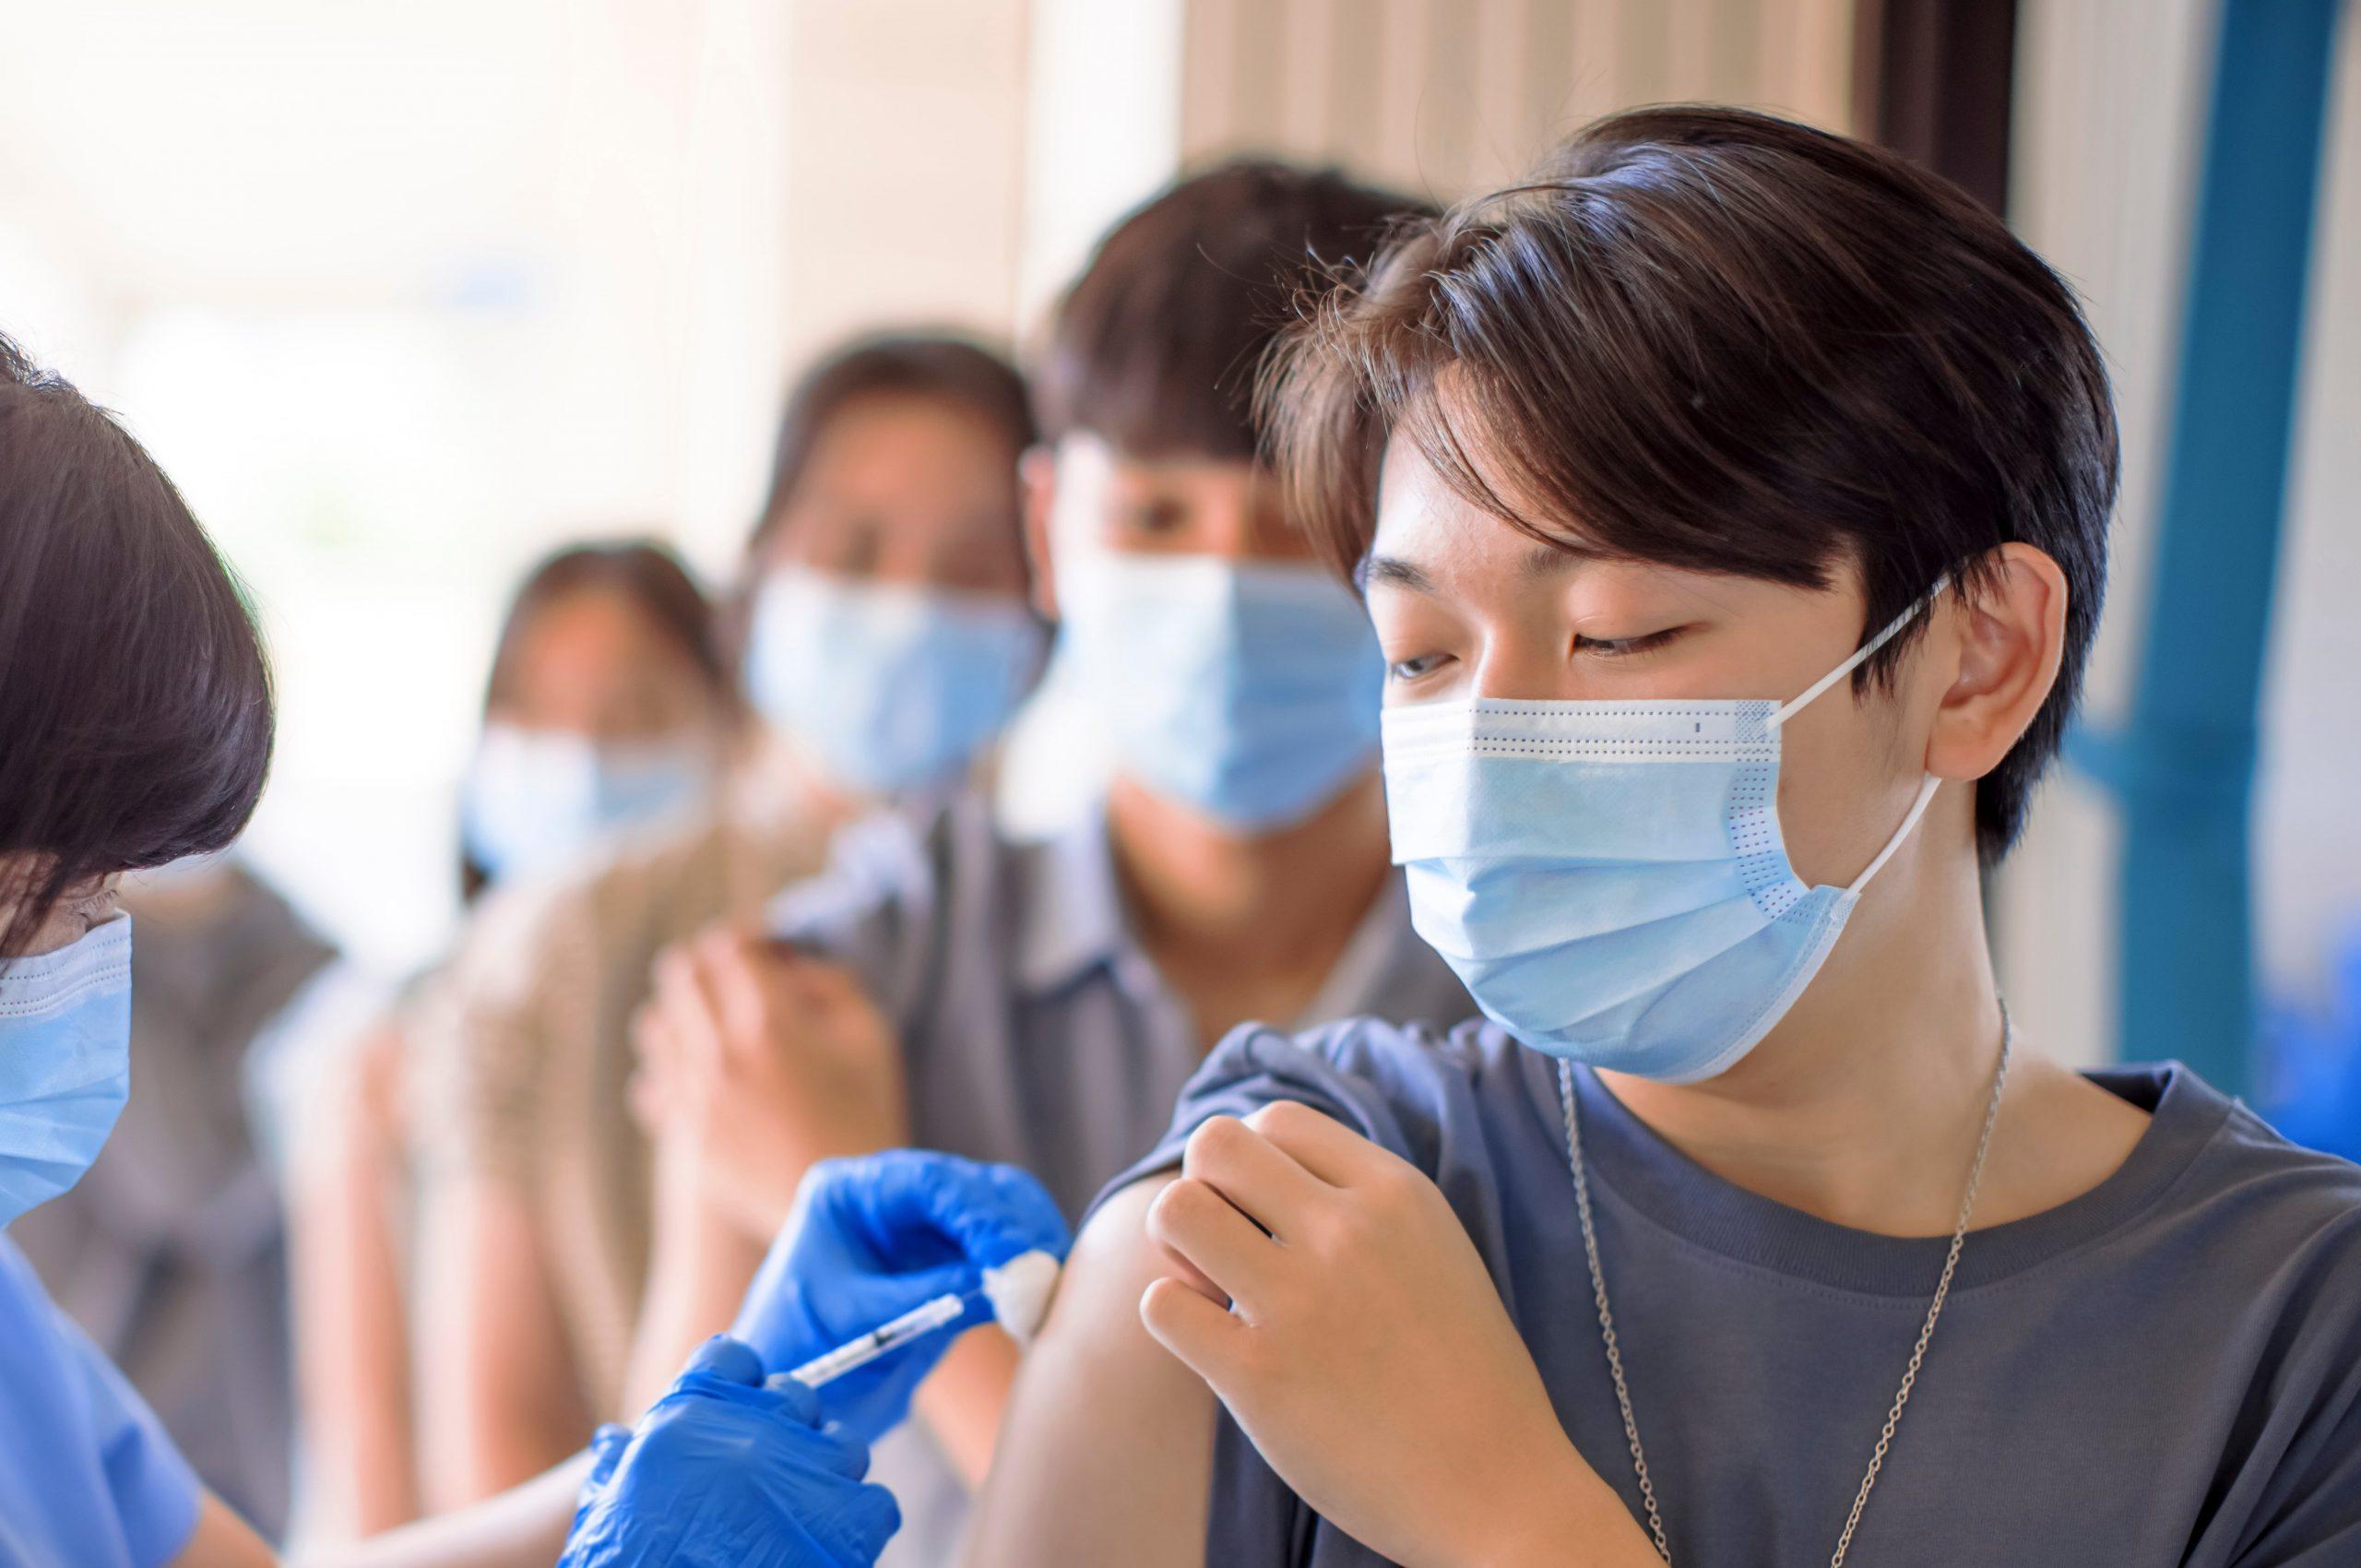 大阪府撮影 ワクチン接種説明動画制作